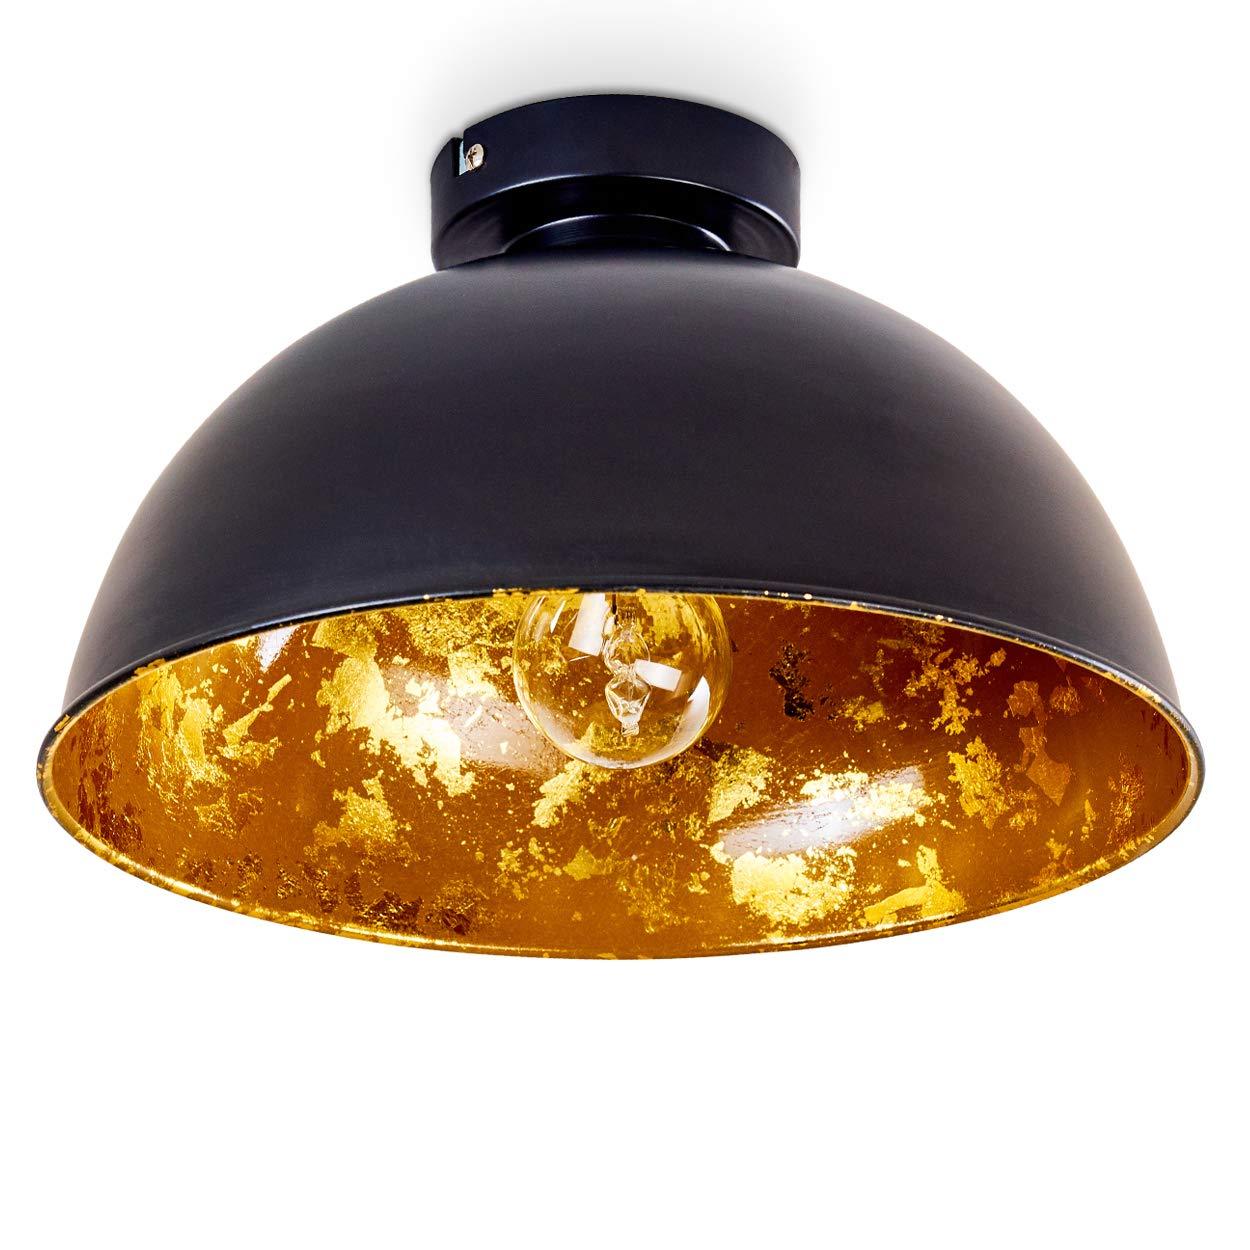 Lampada da Soffitto Design Moderno Ideale per Soggiorno Cucina e Camera da Letto Lampadario Elegante Color Nero Interno Oro